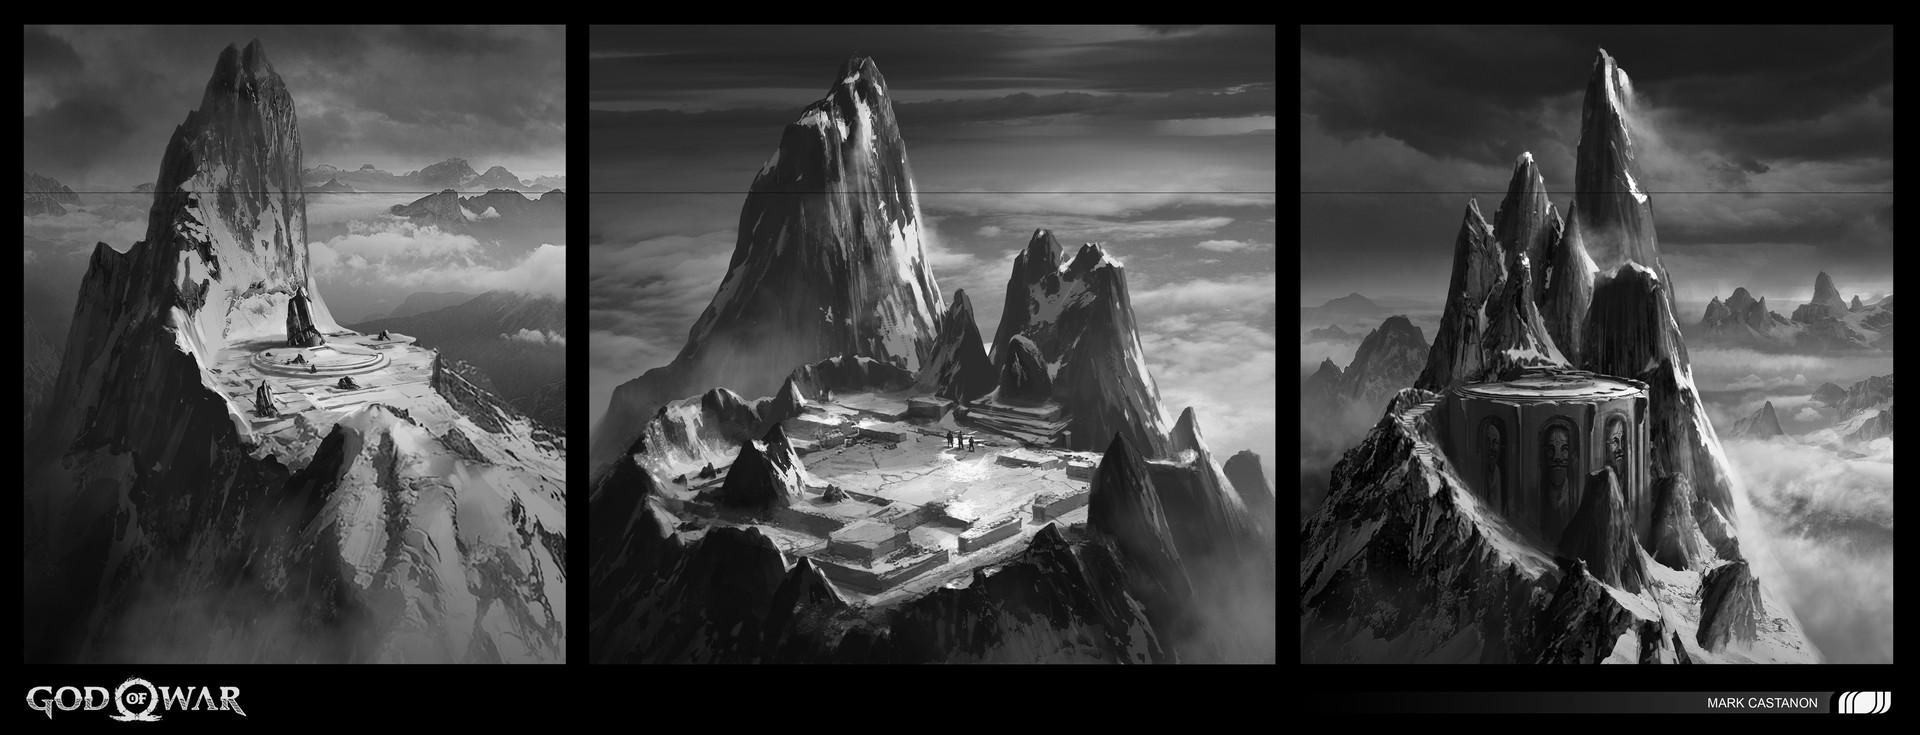 mark-castanon-peakspass-summit-variations-mc-01-001.jpg